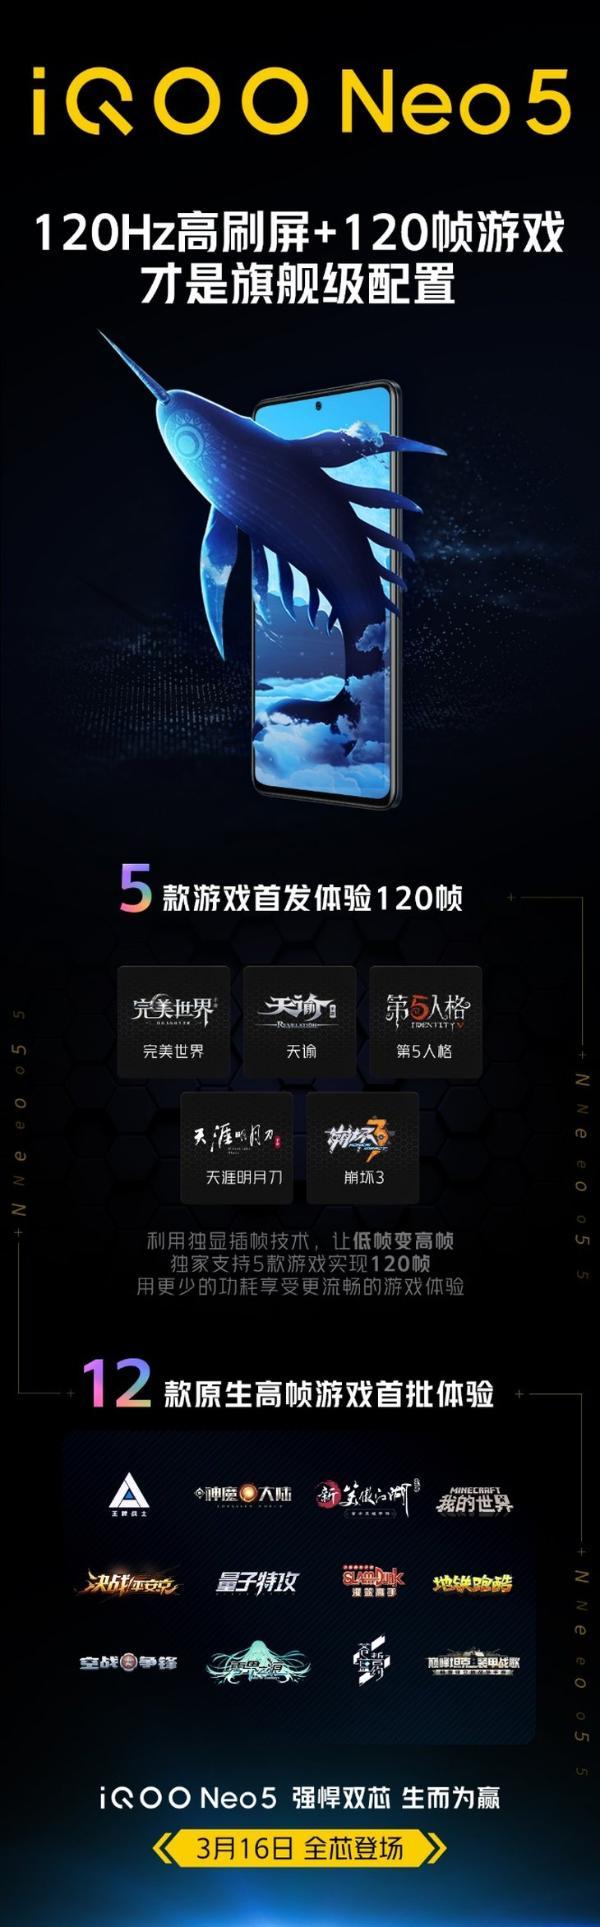 首发120帧崩坏3!iQOO Neo5高刷适配名单公布